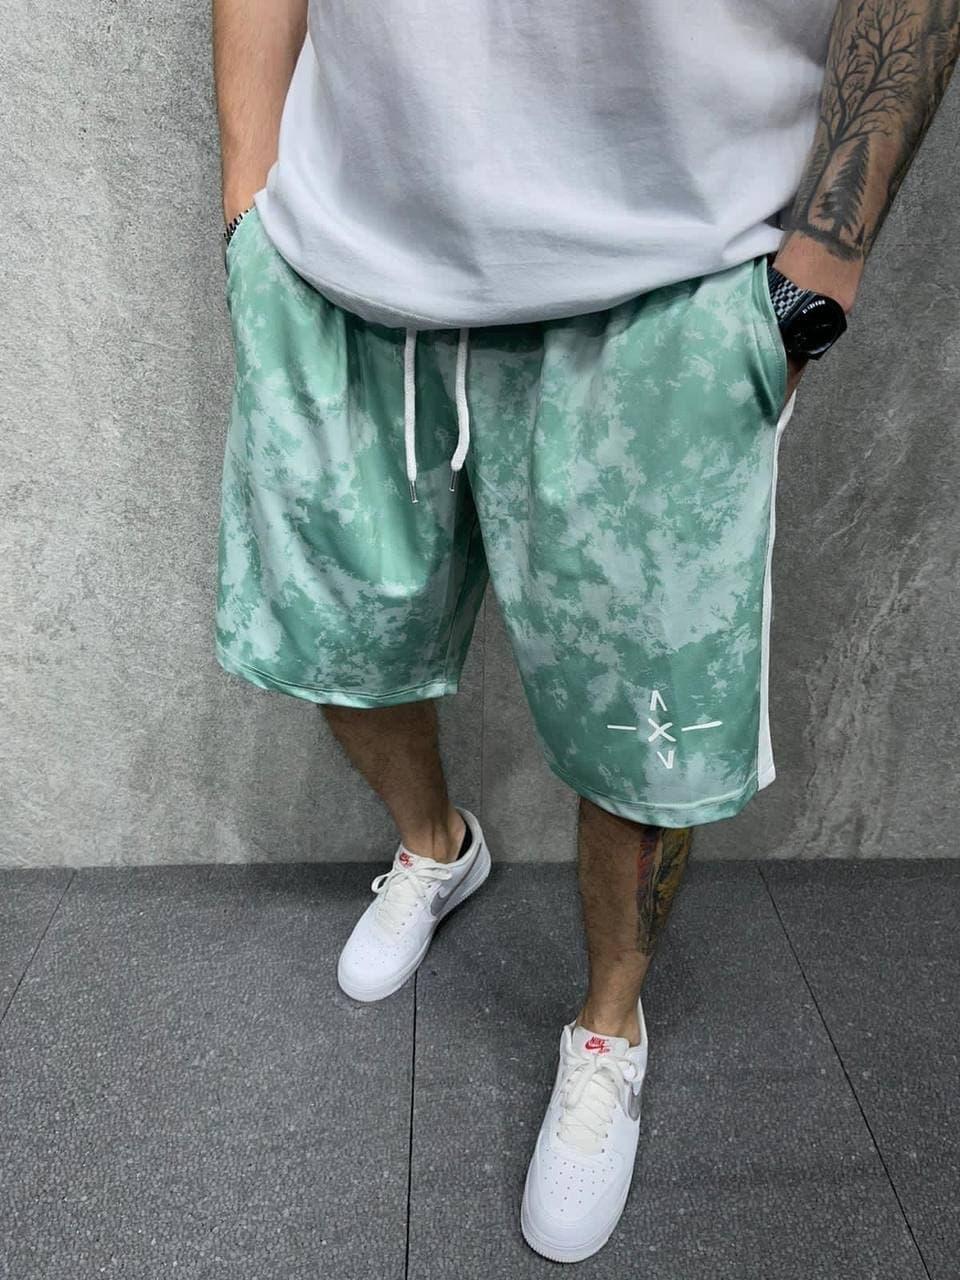 Чоловічі шорти з лампасами (зелені) вільного крою модні AD.P.2029